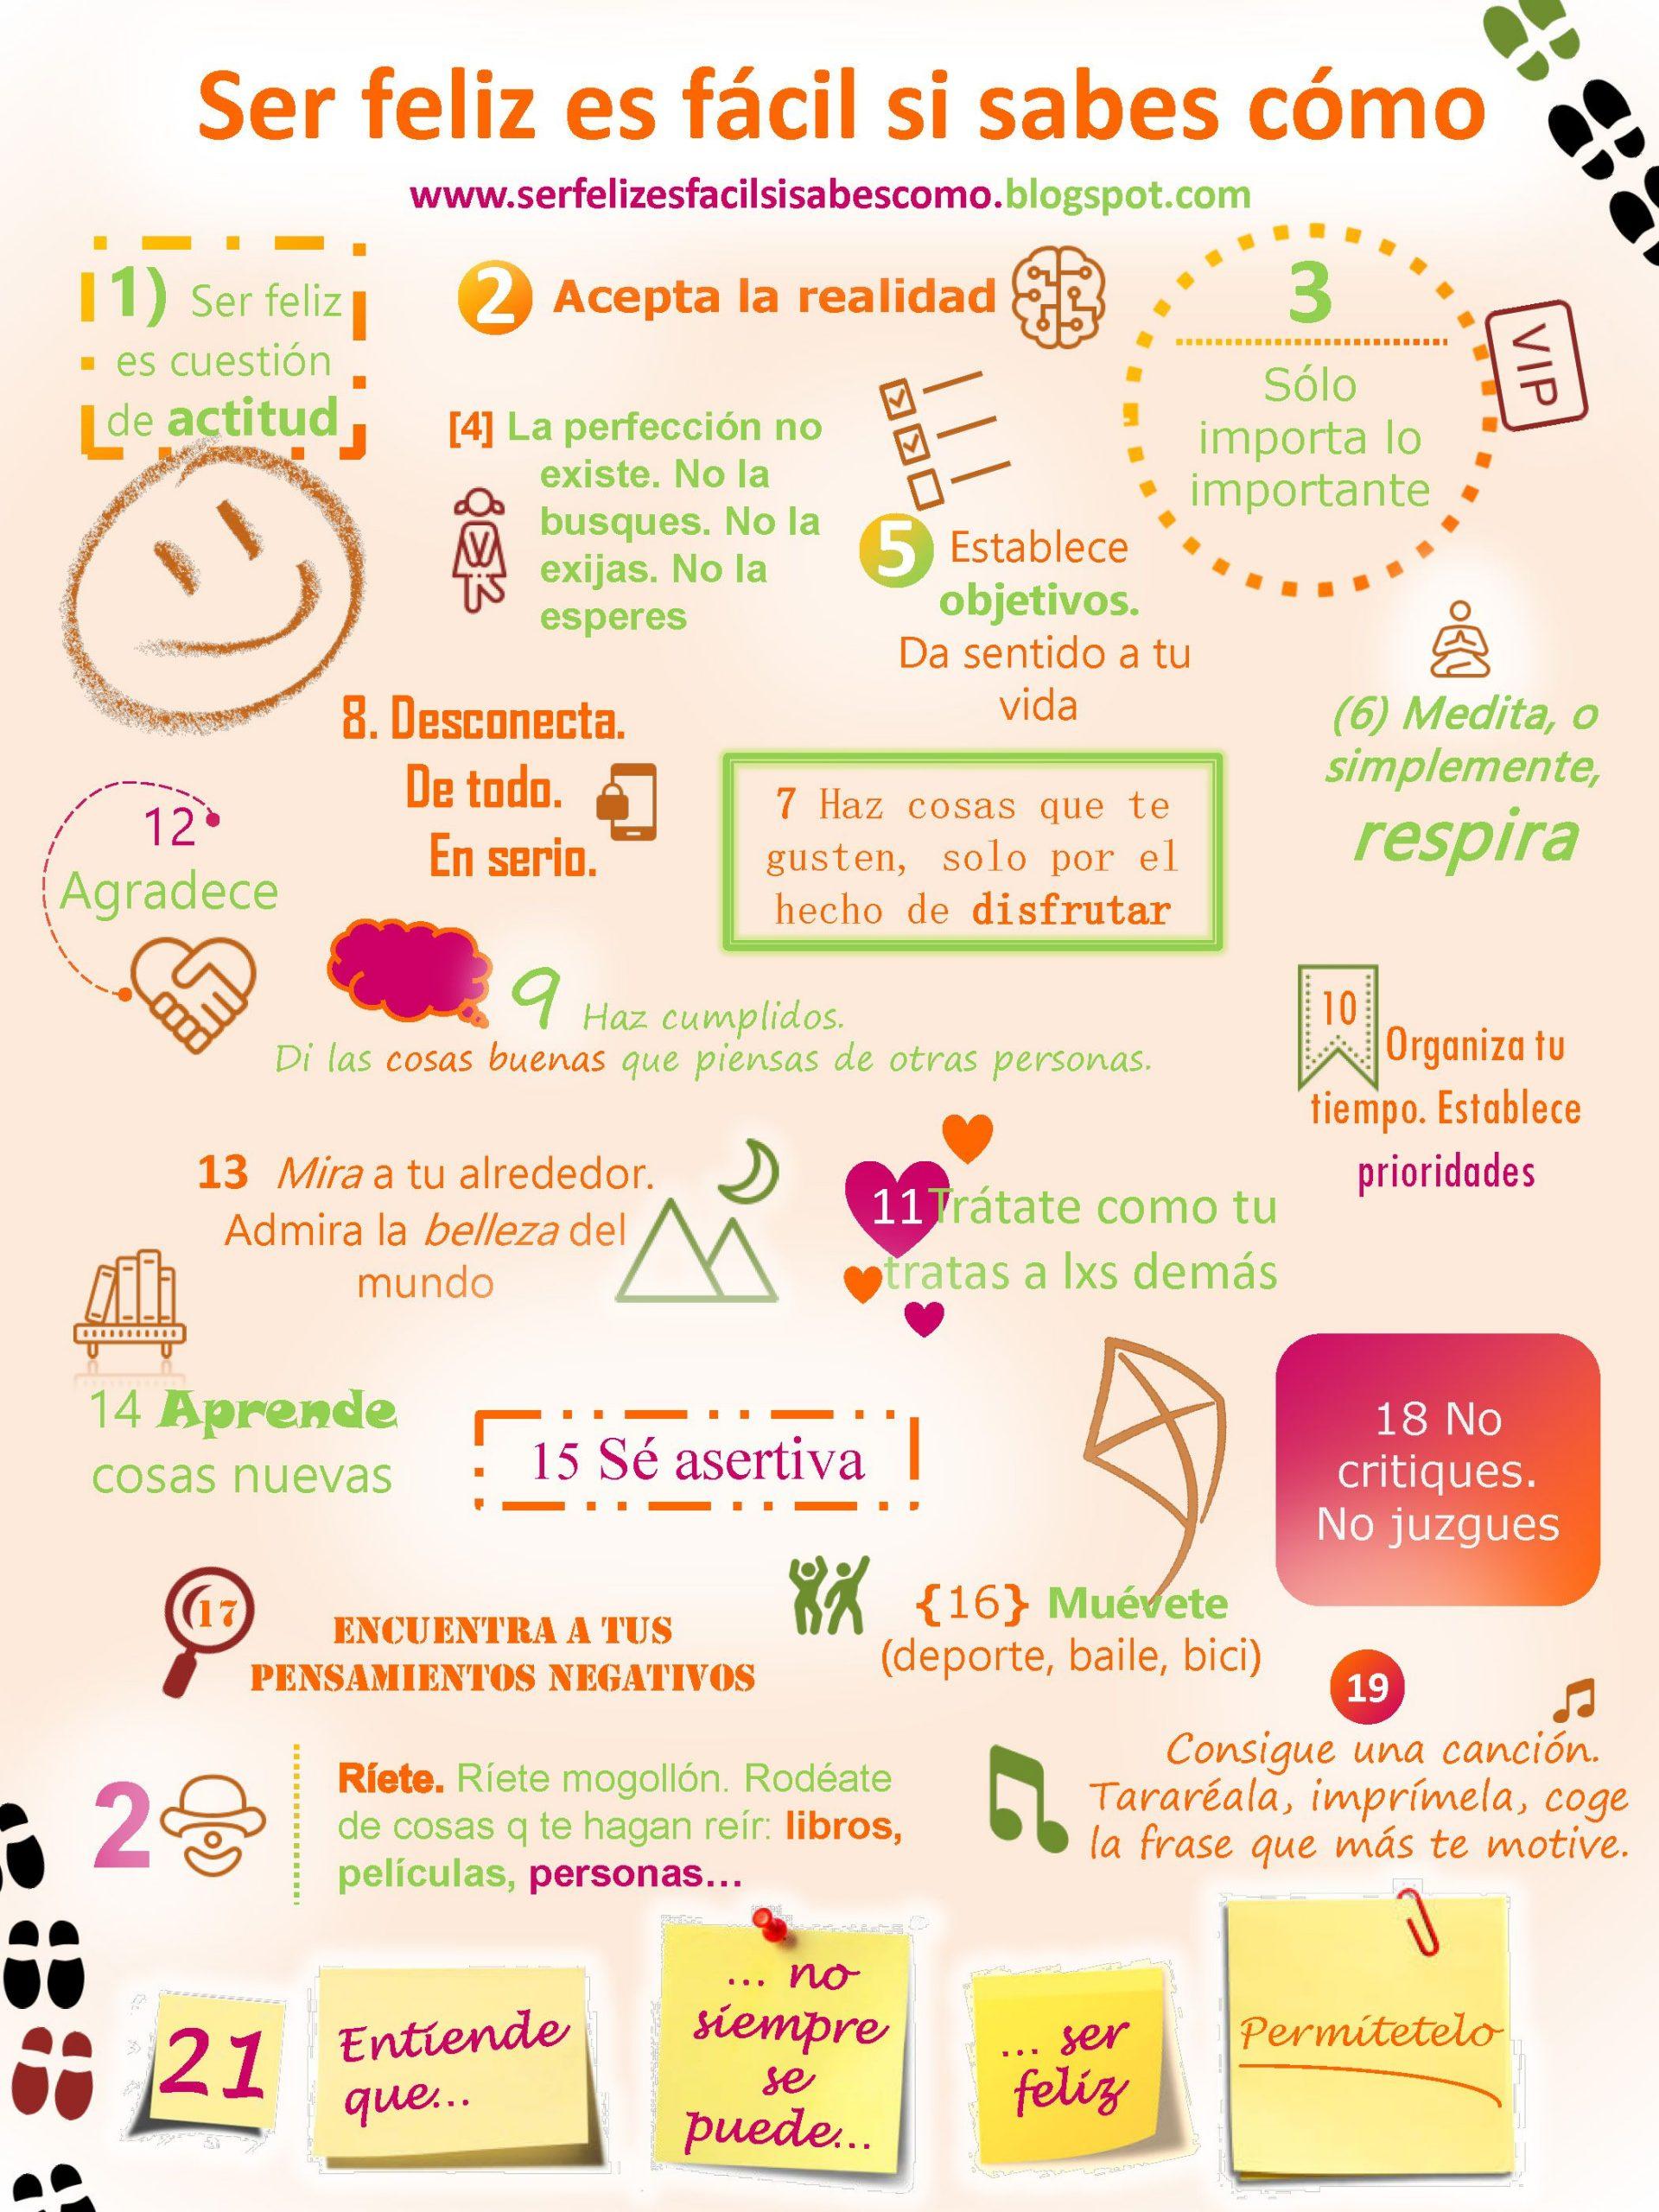 5 habilidades clave para ser feliz